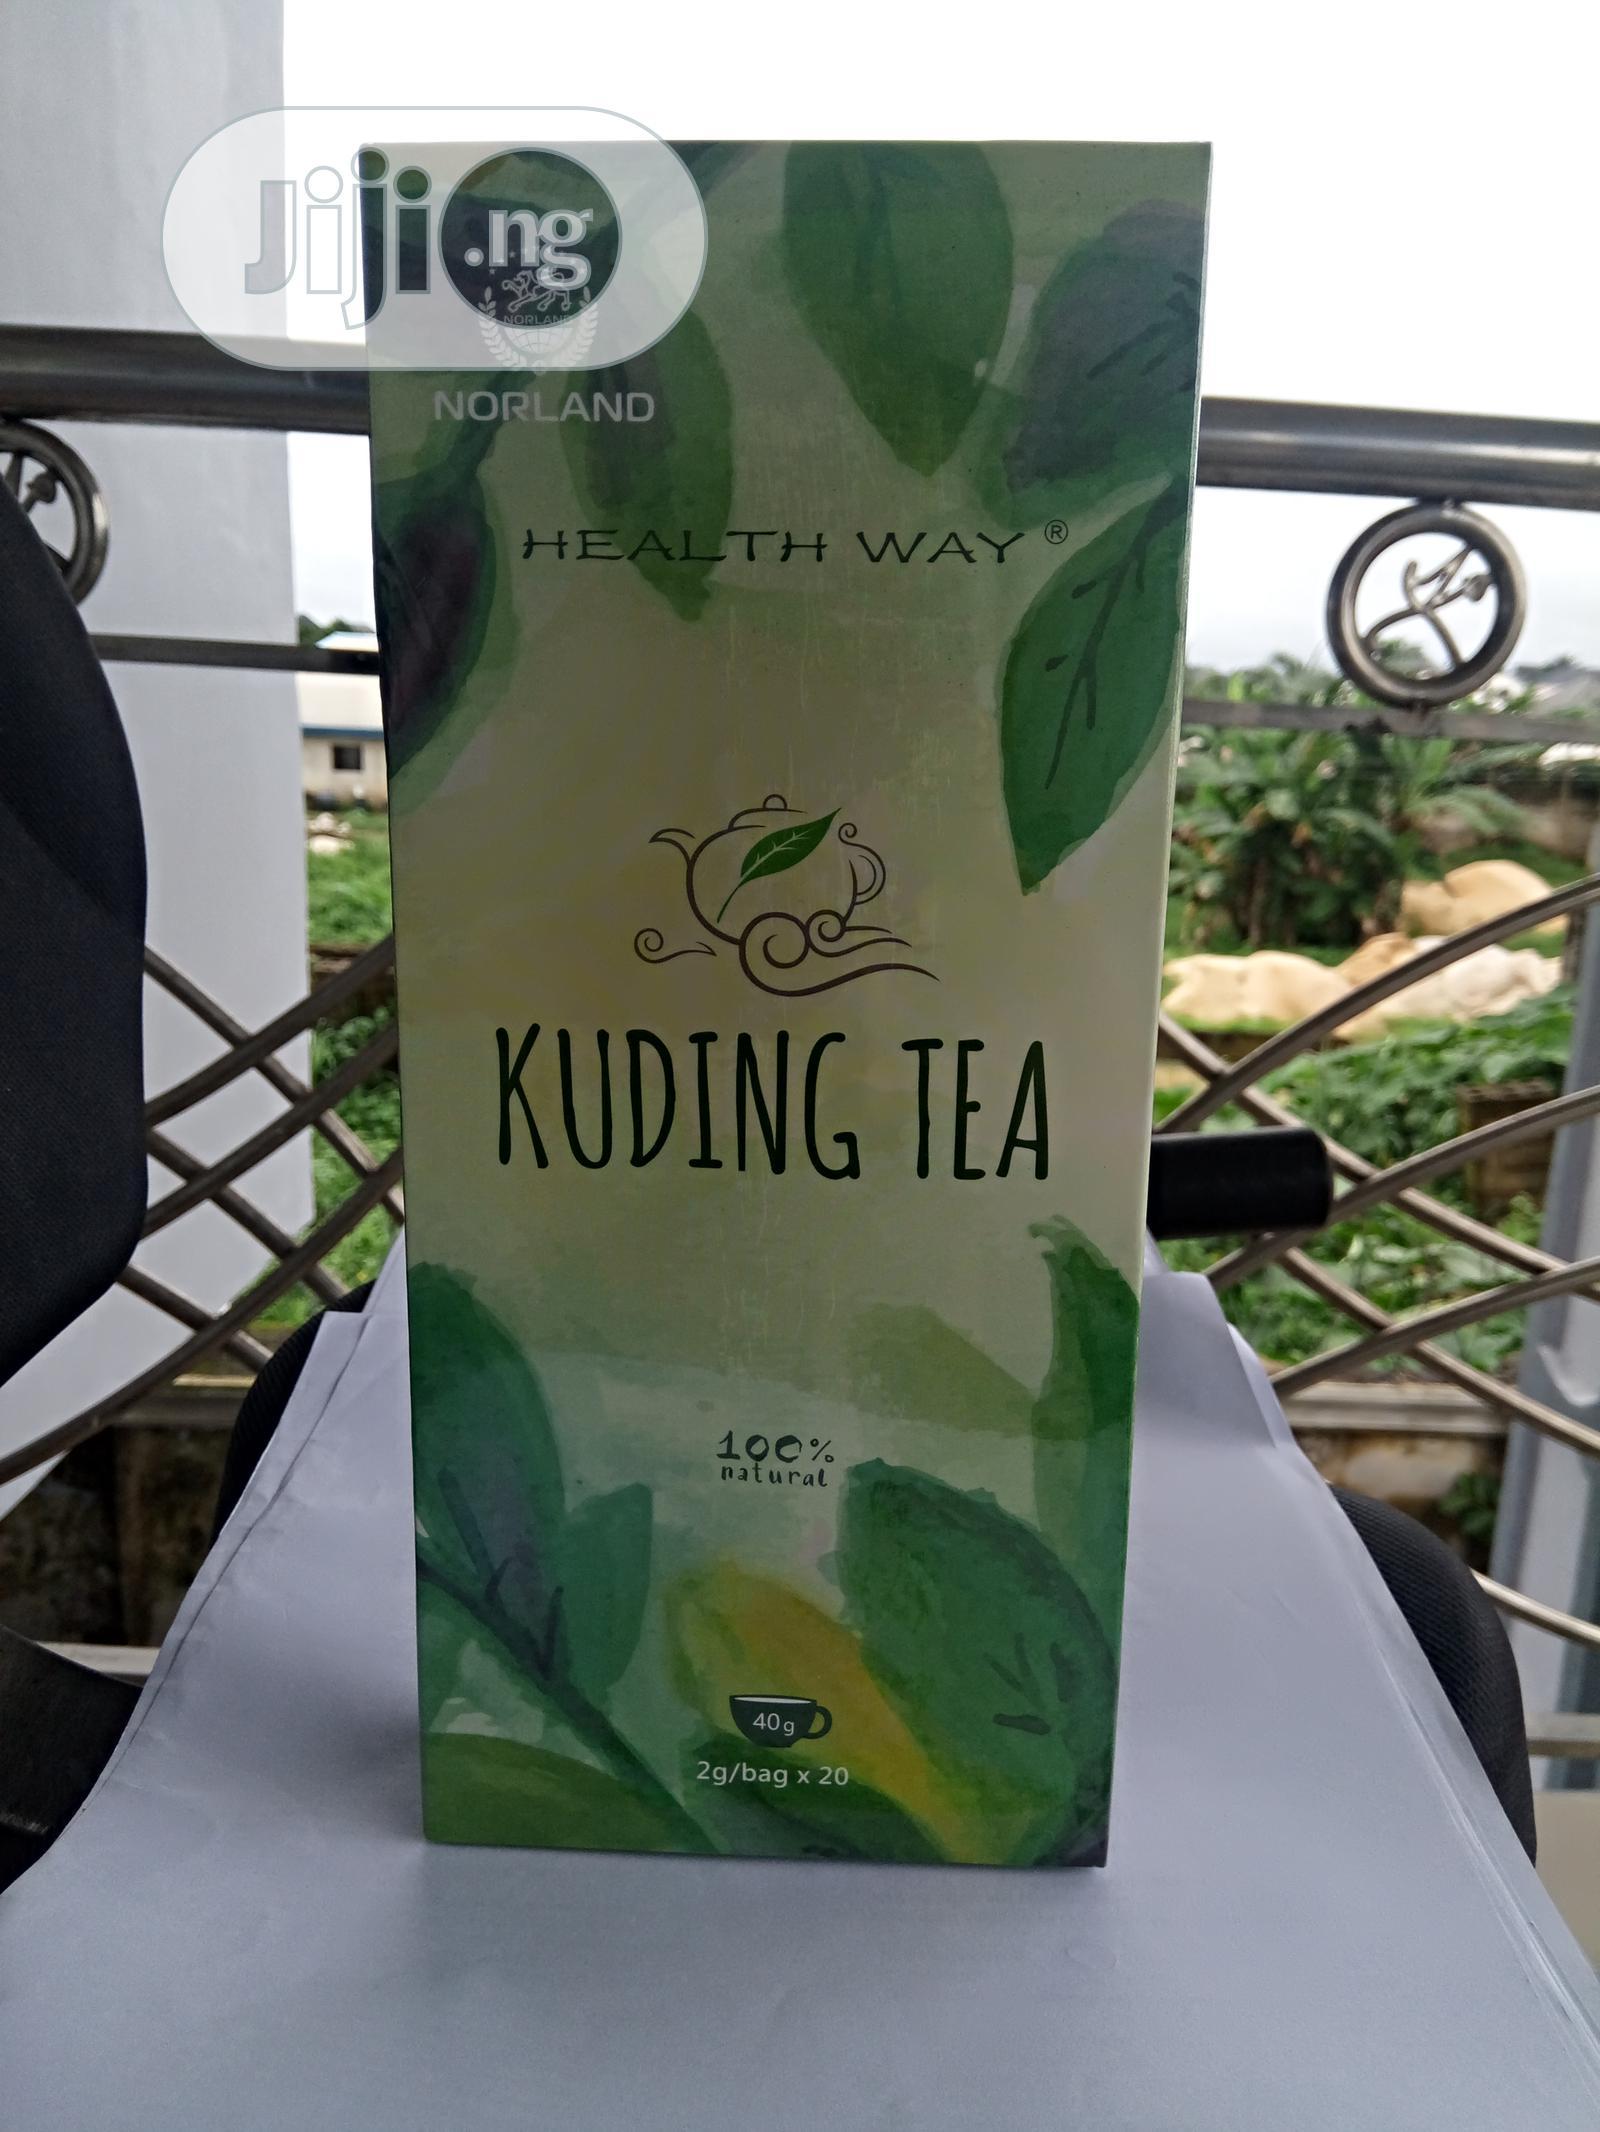 Norland Kuding Tea